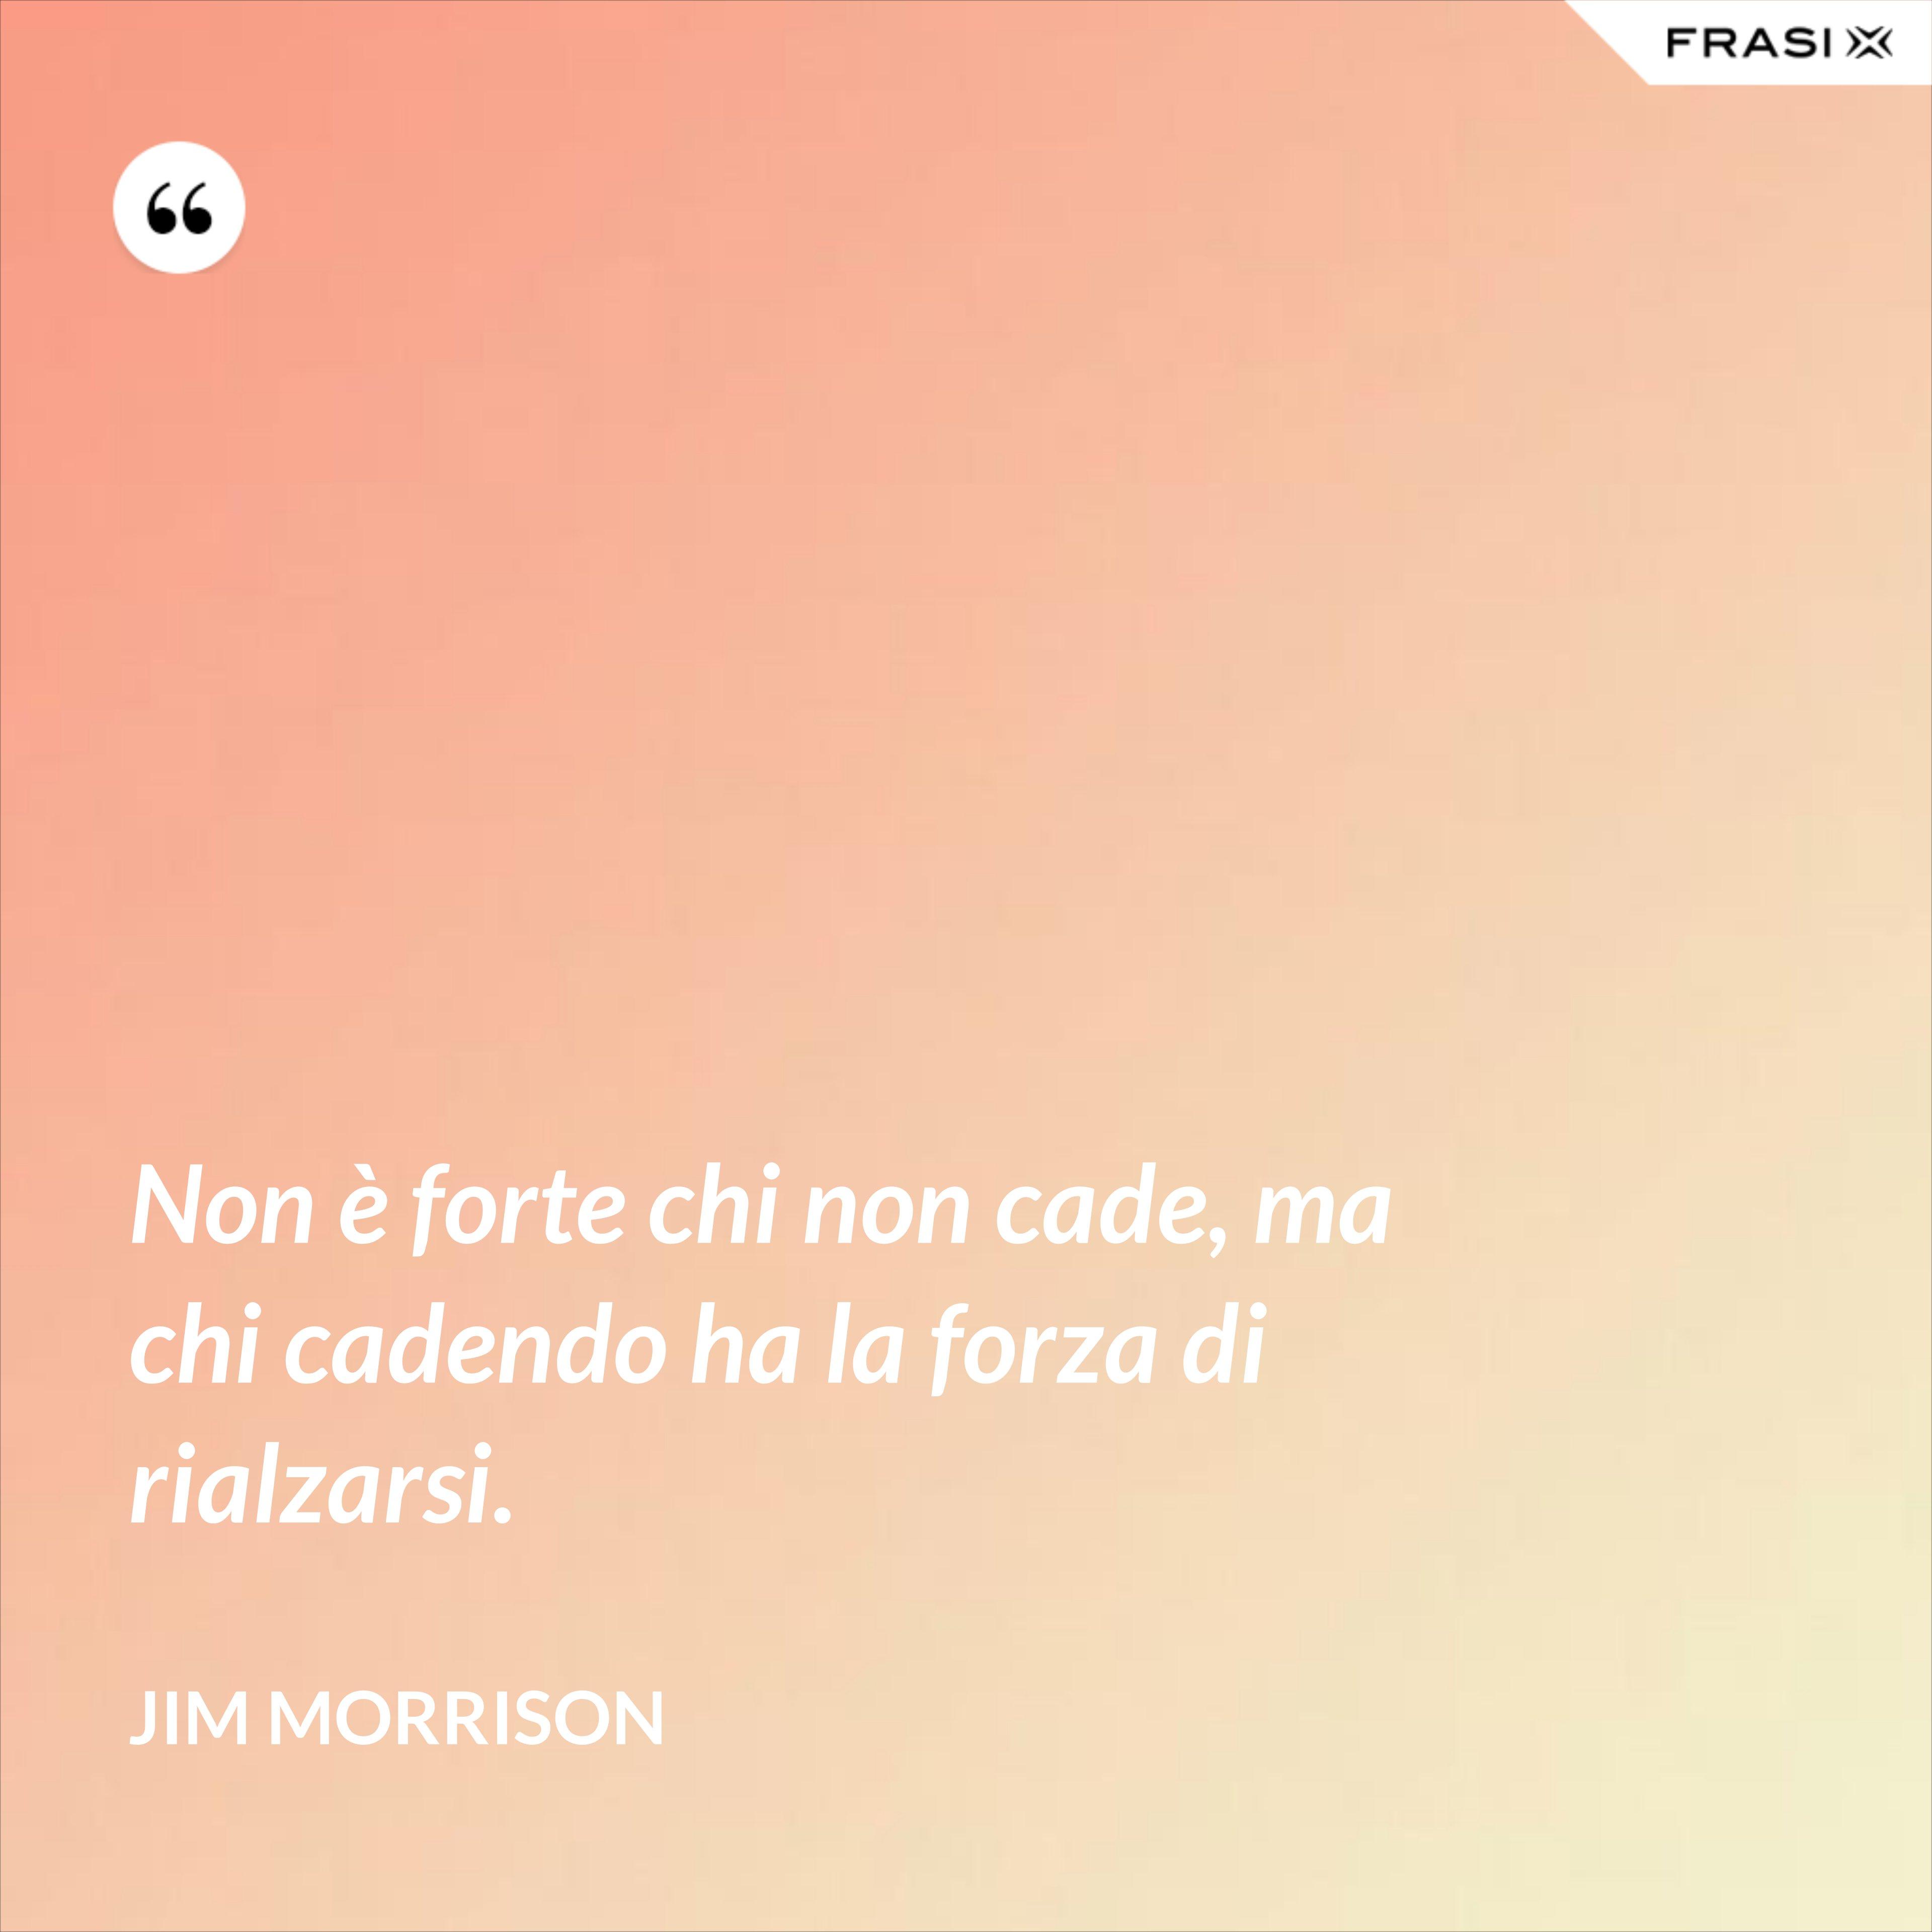 Non è forte chi non cade, ma chi cadendo ha la forza di rialzarsi. - Jim Morrison